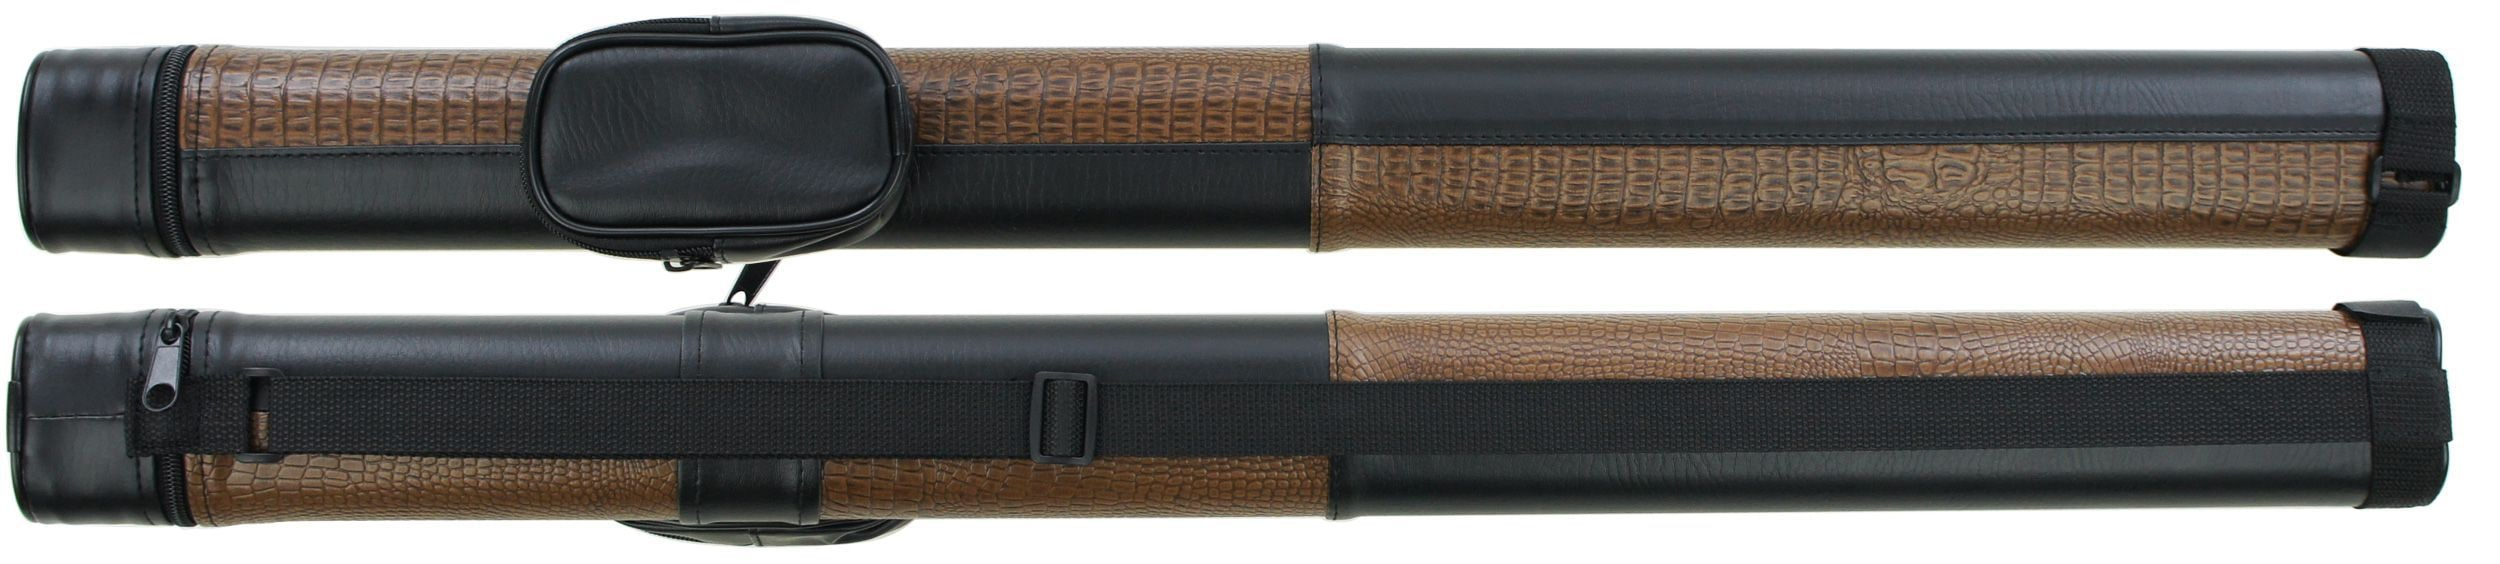 ケース コンビ ブラック×クロコブラウン 62216p (バット1本シャフト1本収納) 商品画像